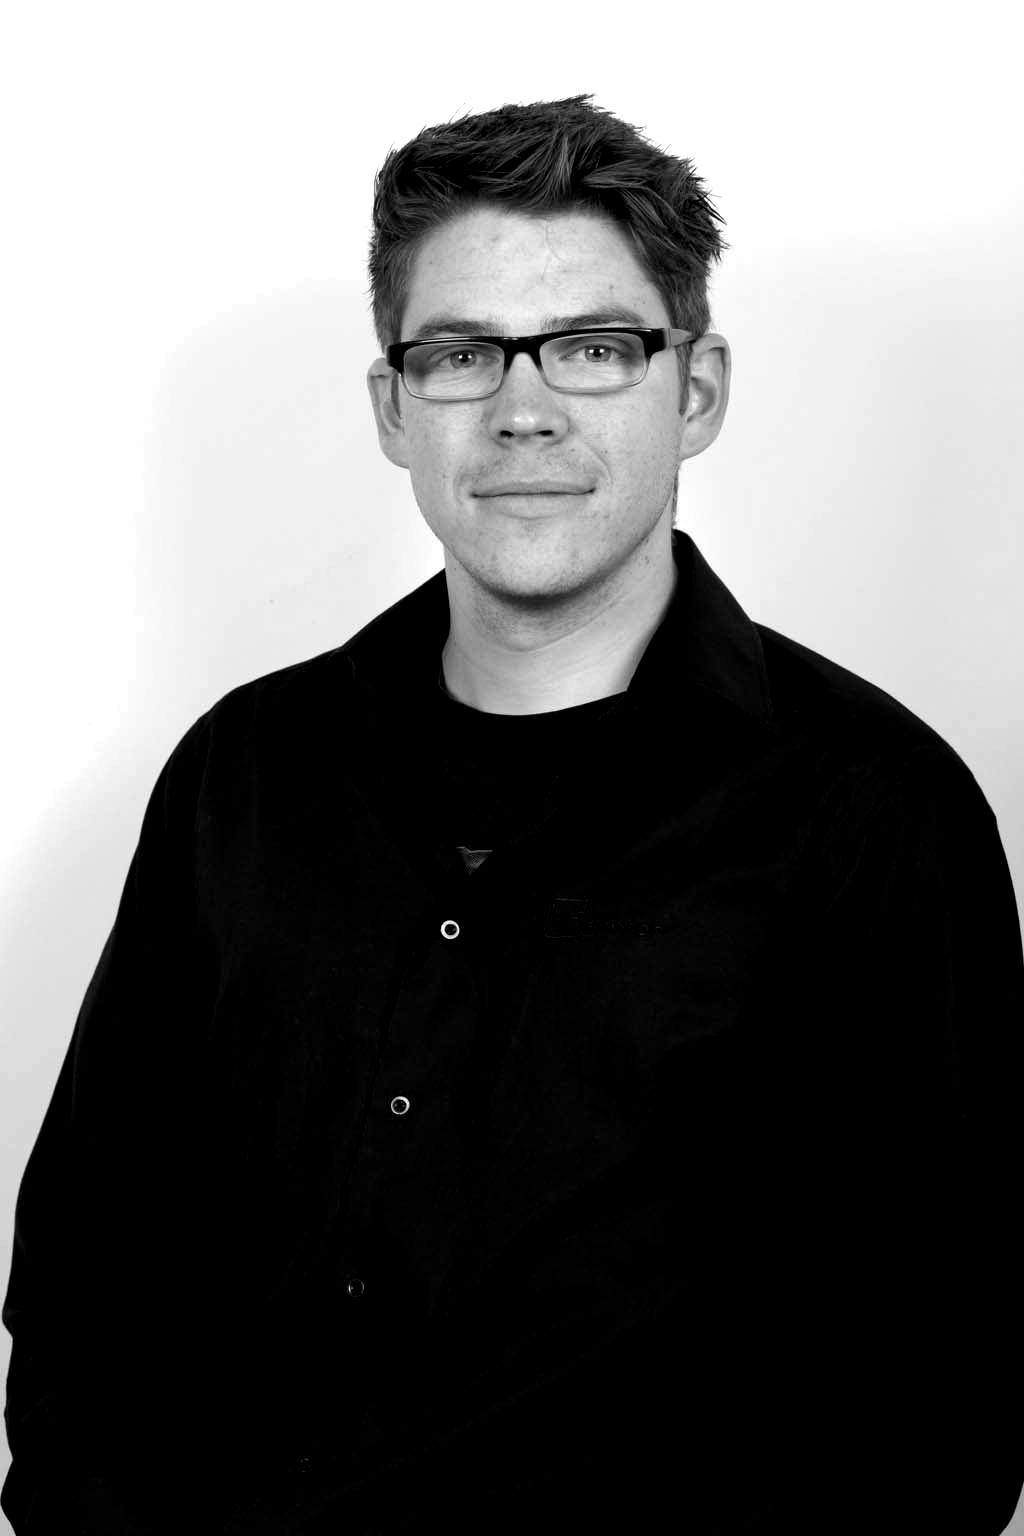 Lukas Steindl